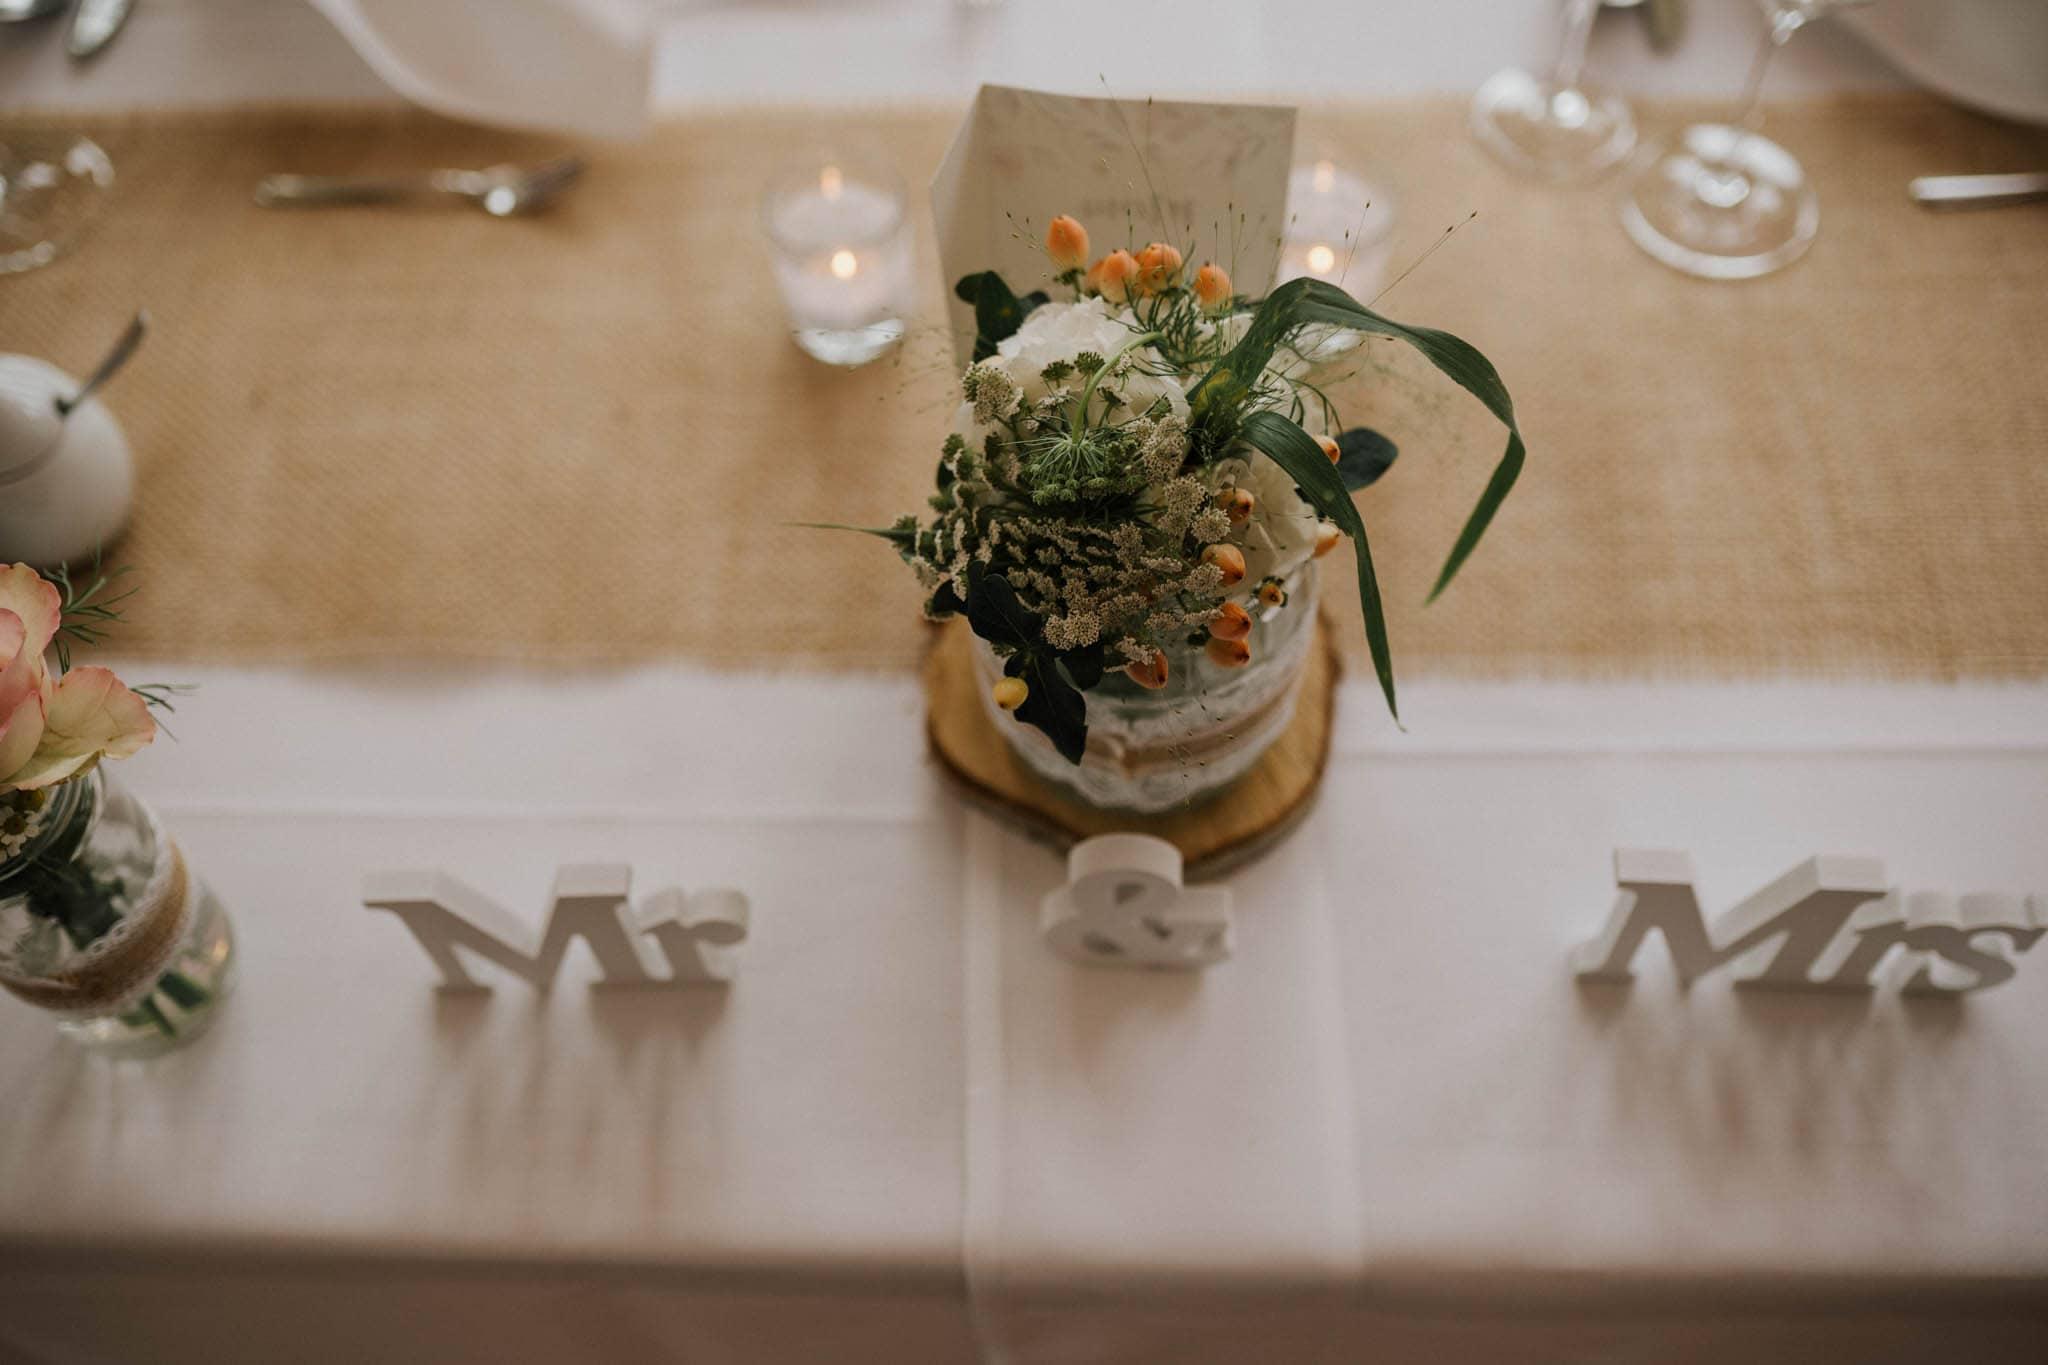 Hochzeitsfieber by Photo-Schomburg, Hoichzeitsfotograf, Hamburg, Wedding, Weddingtime, Hochzeitspaar, Braut, Bräutigam, Hochzeit im Norden,-113